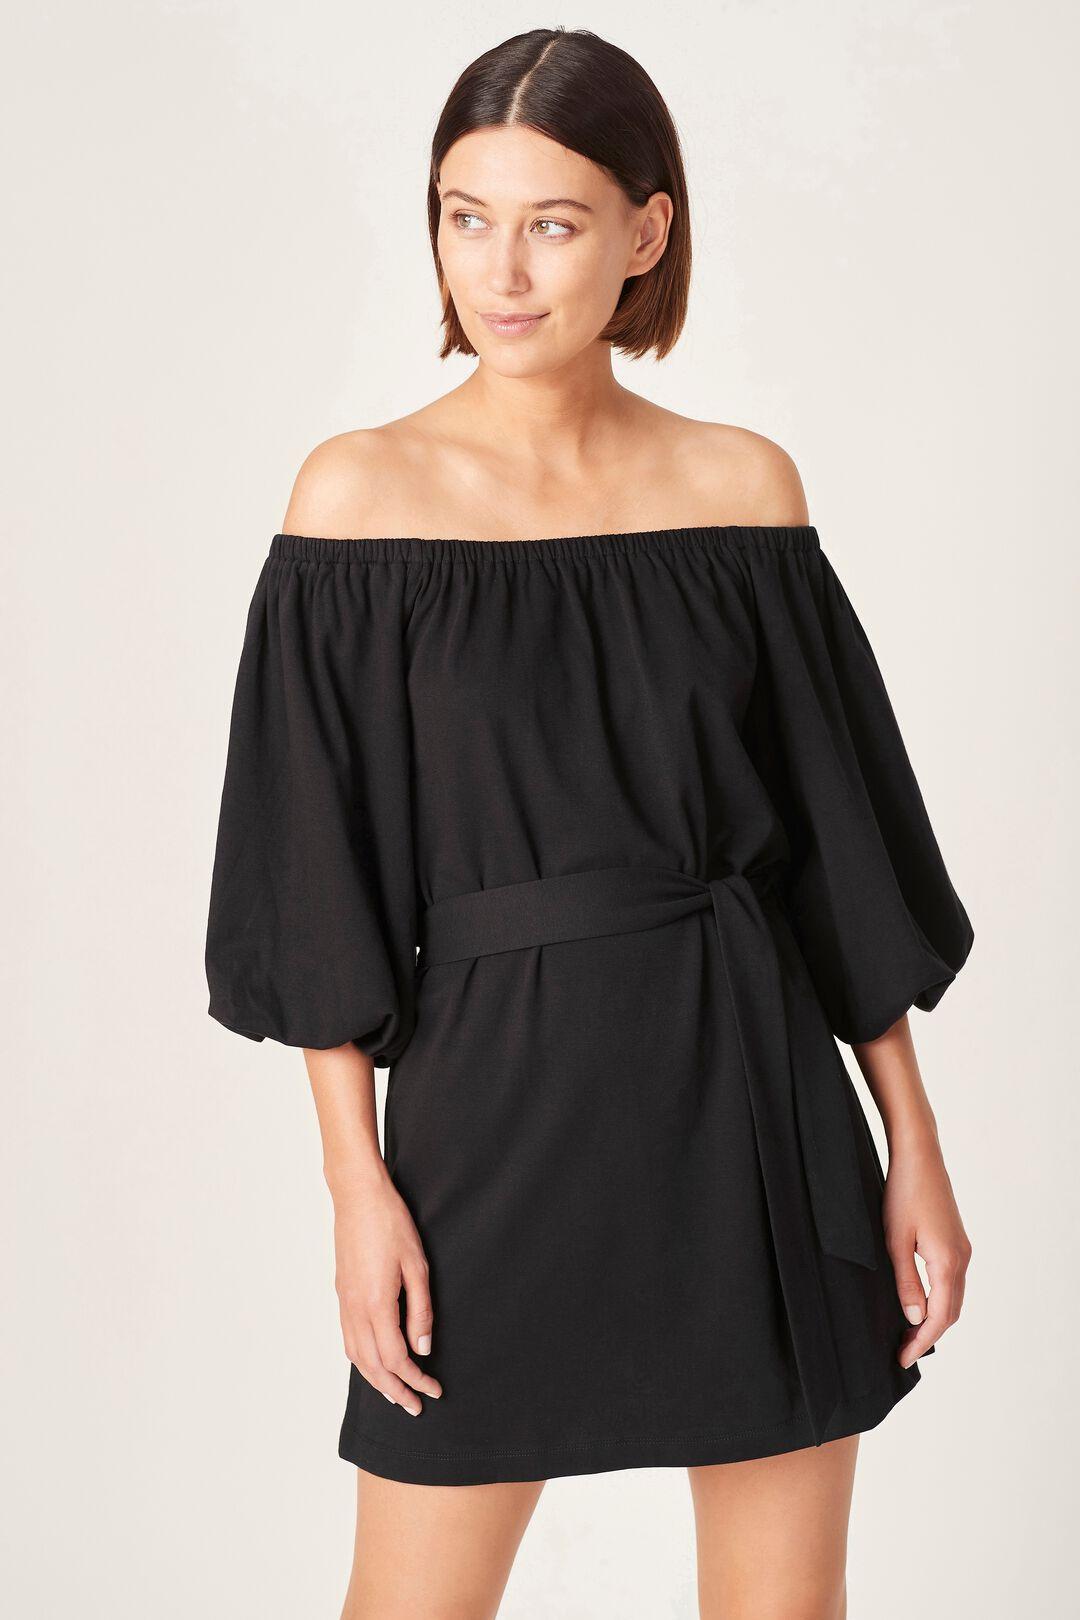 OFF SHOULDER JERSEY DRESS  BLACK  hi-res